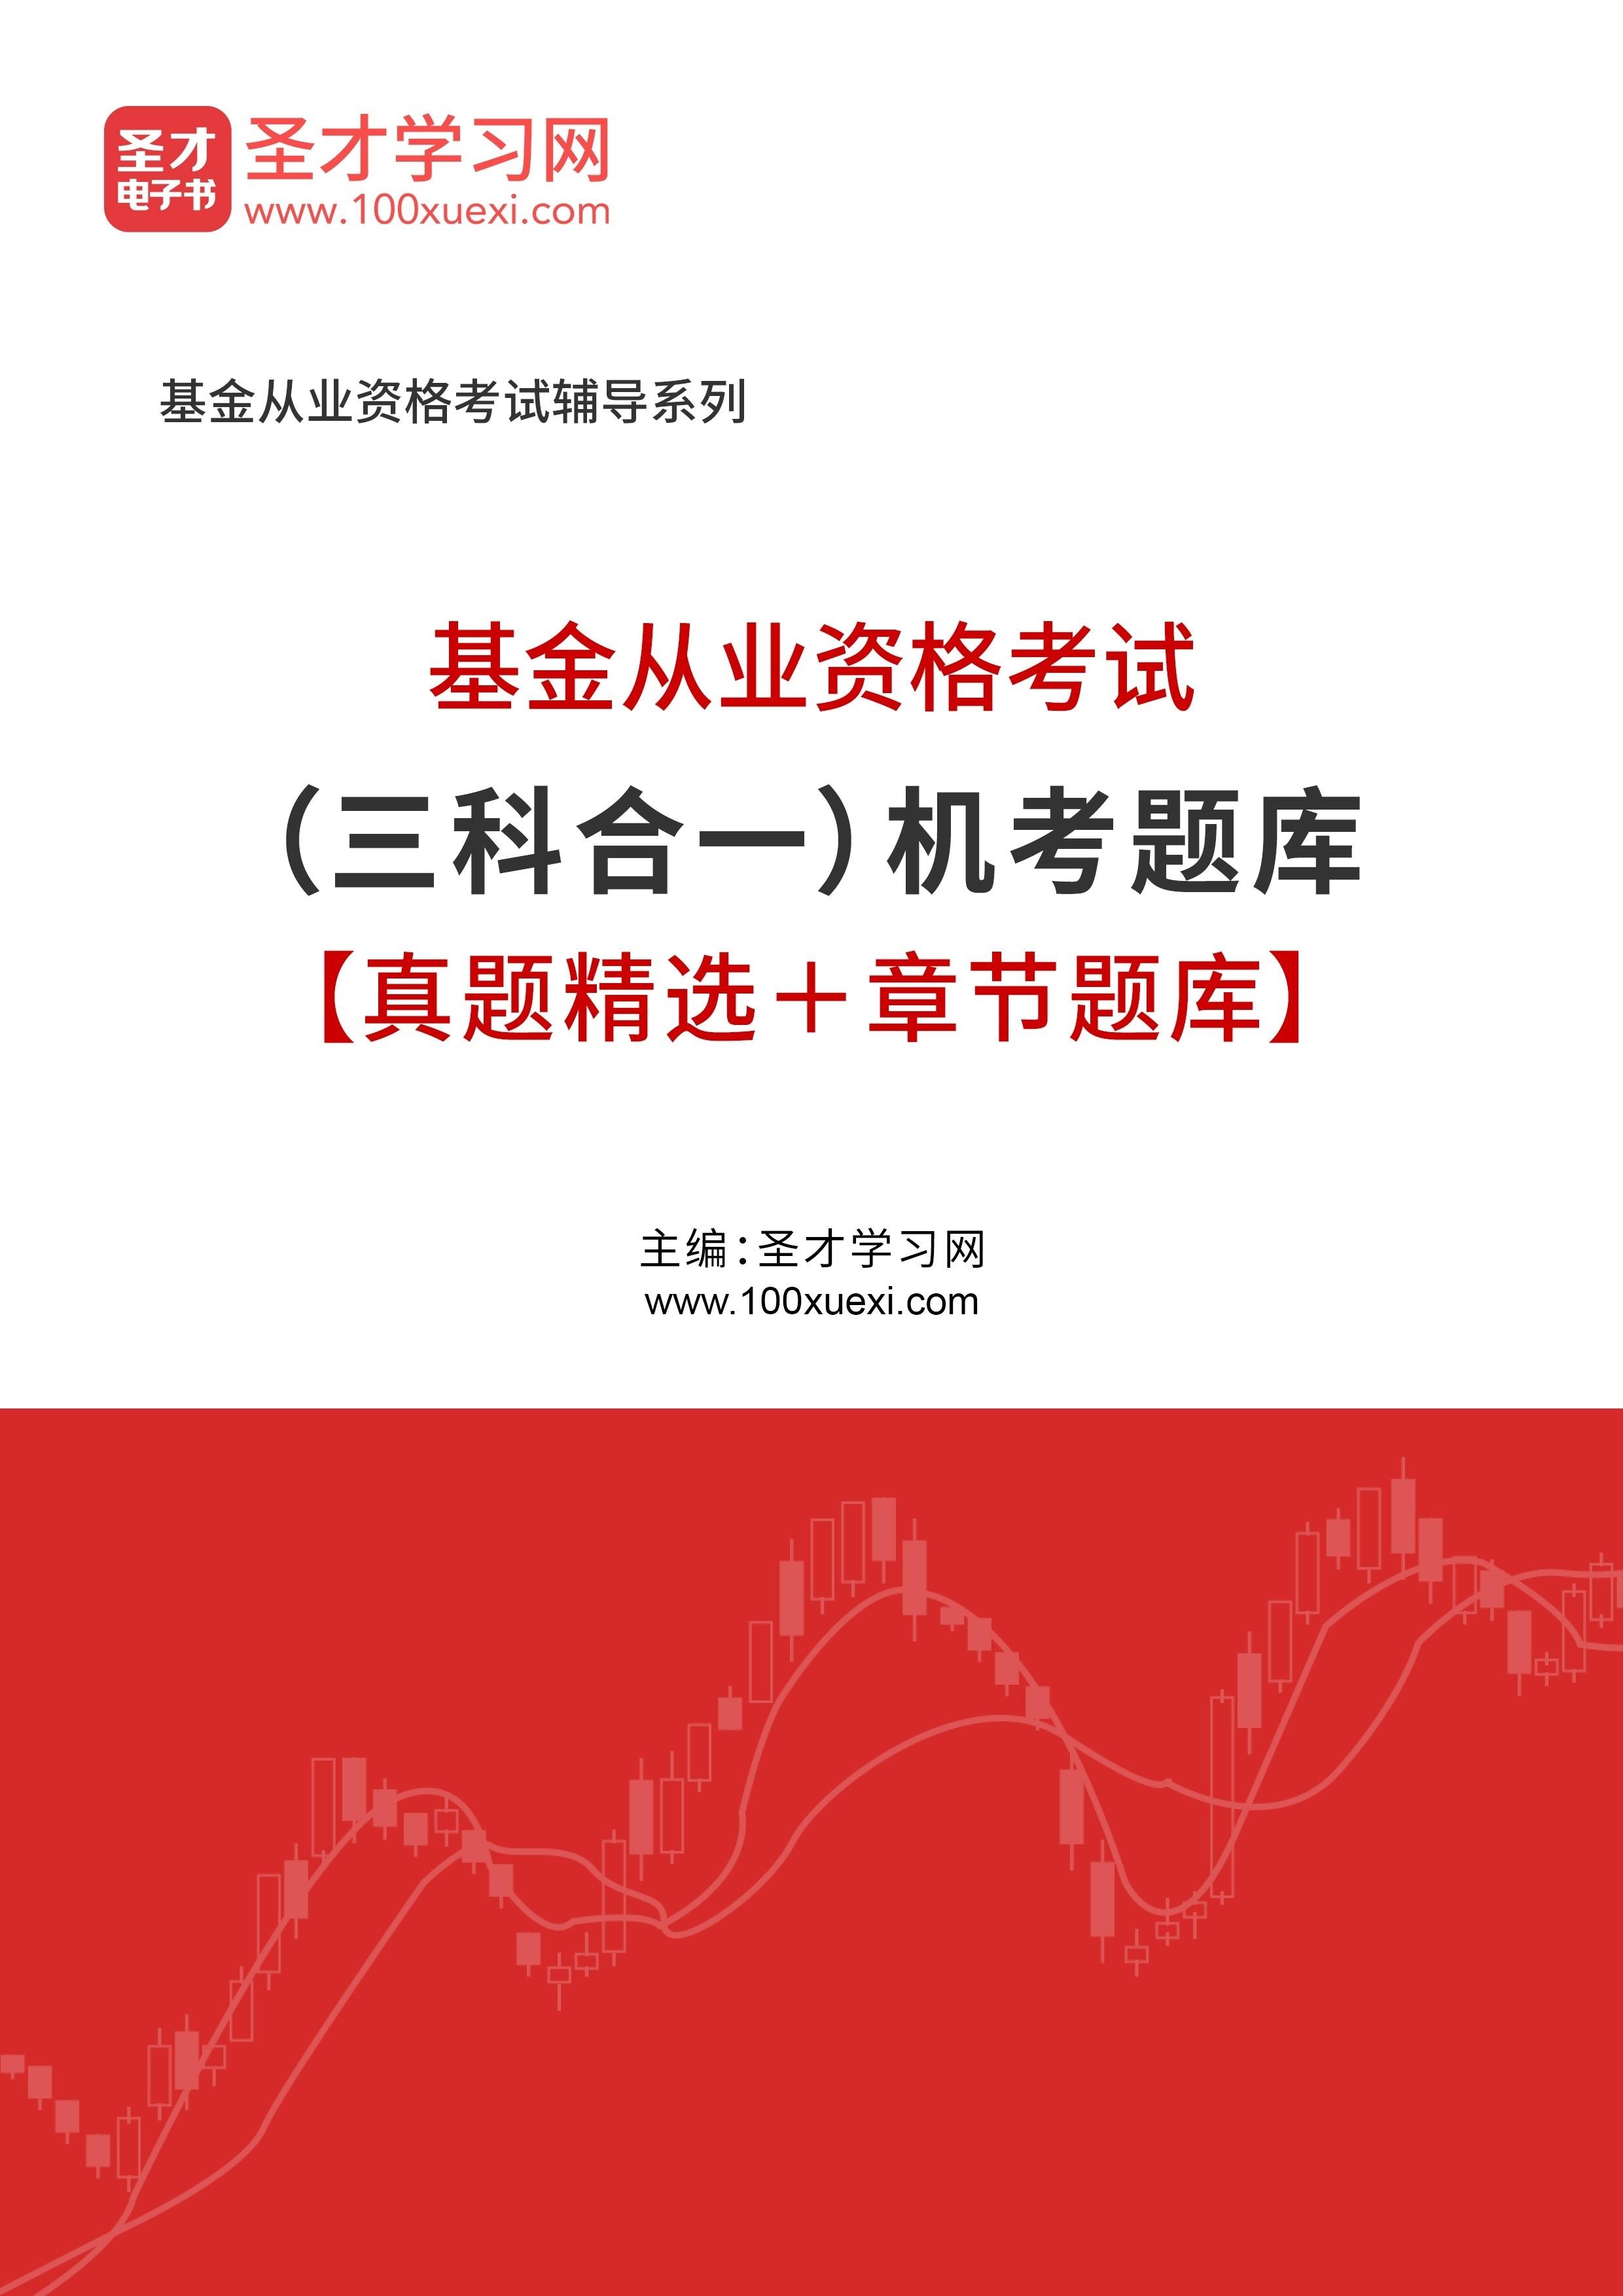 2021年基金從業資格考試(三科合一)機考題庫【真題精選+章節題庫】